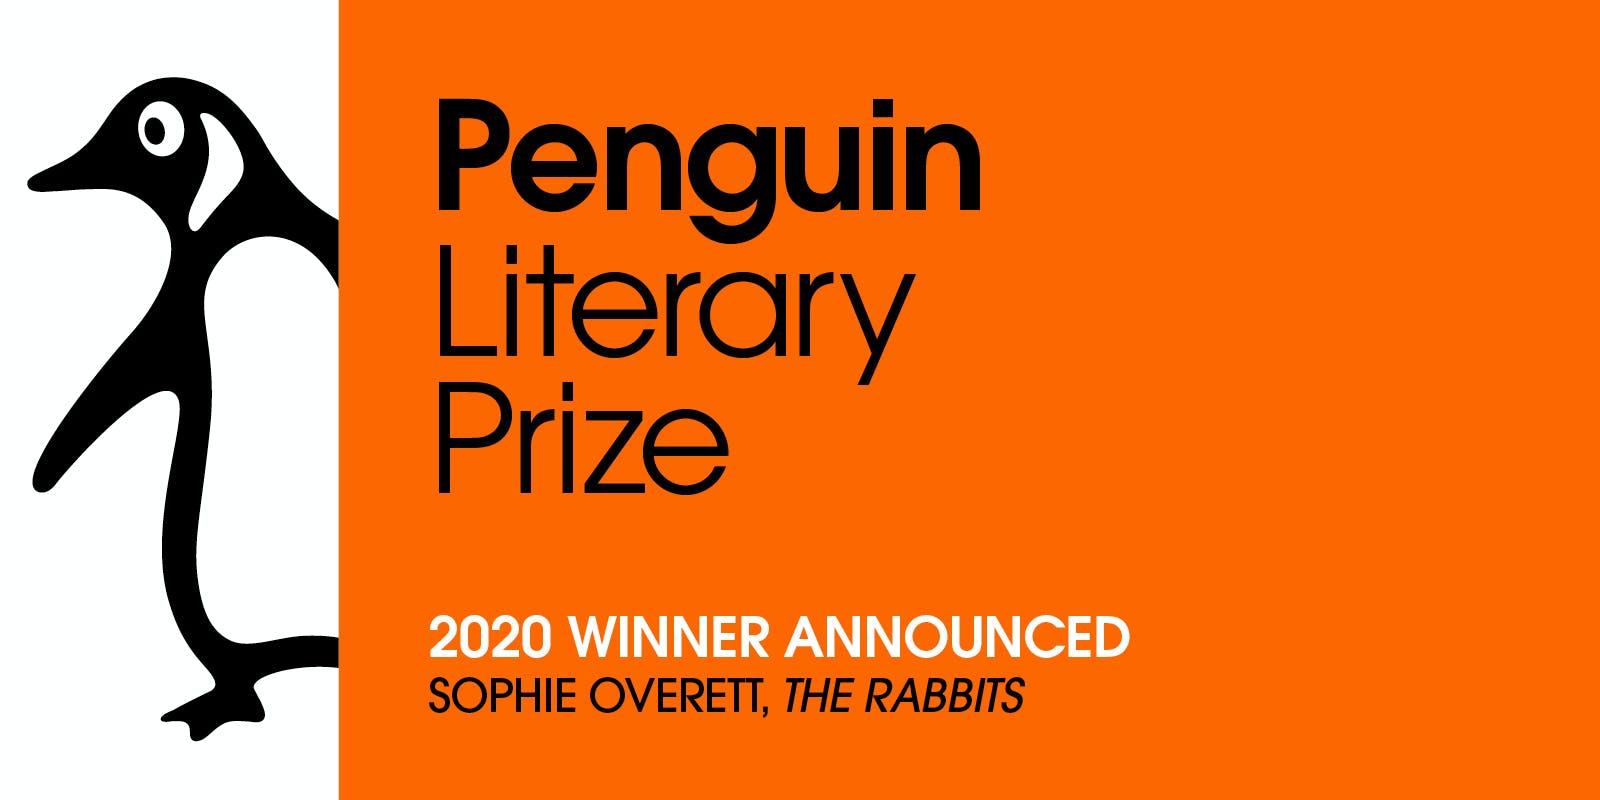 Penguin Literary Prize 2020 winner announced